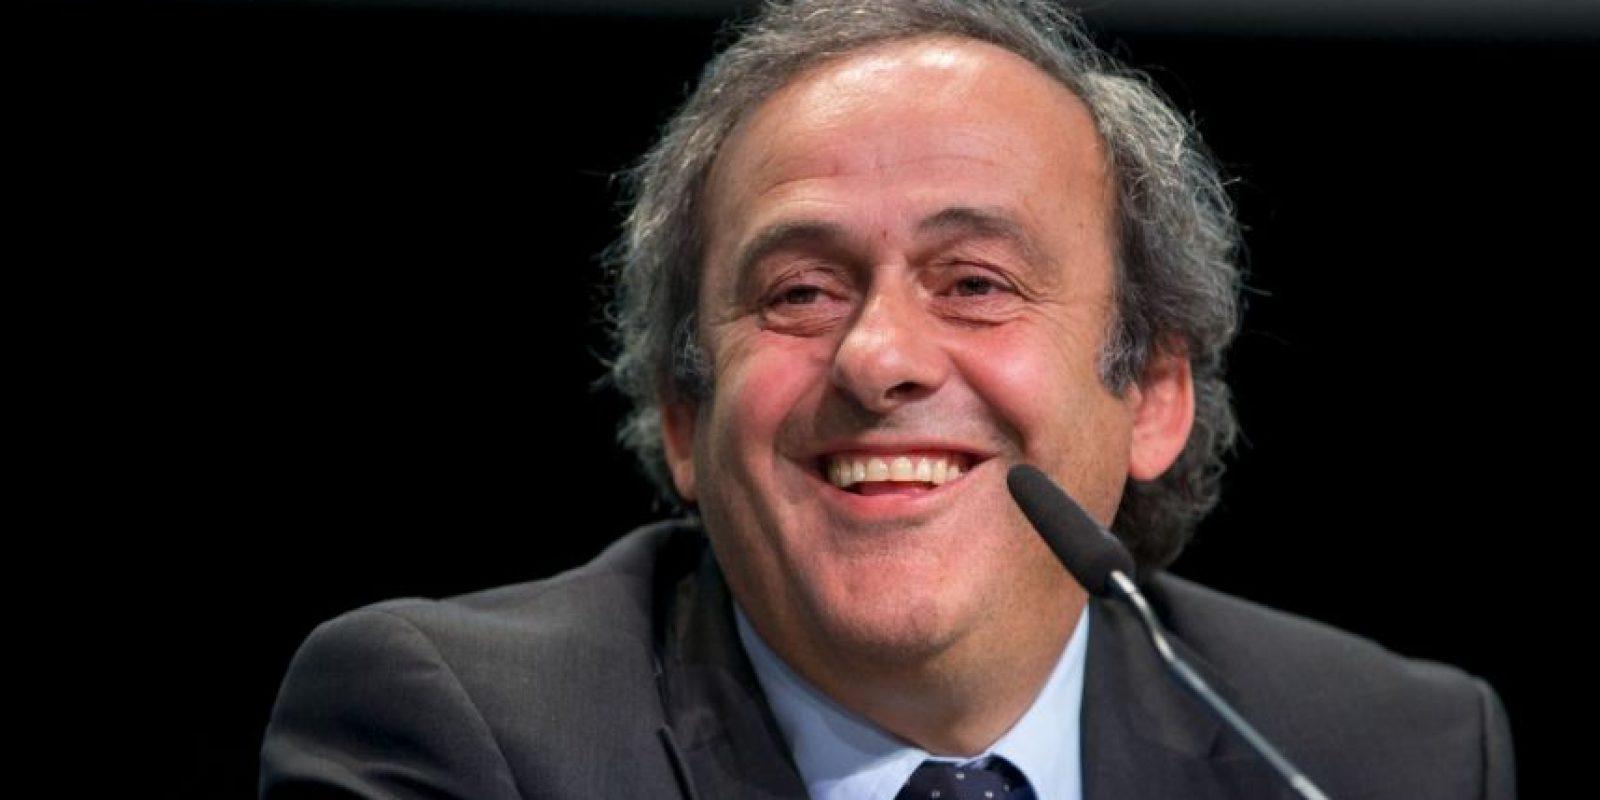 Incluso, llegó a poner en duda la colaboración de la UEFA con la FIFA, si Blatter era reelegido. Foto:Getty Images